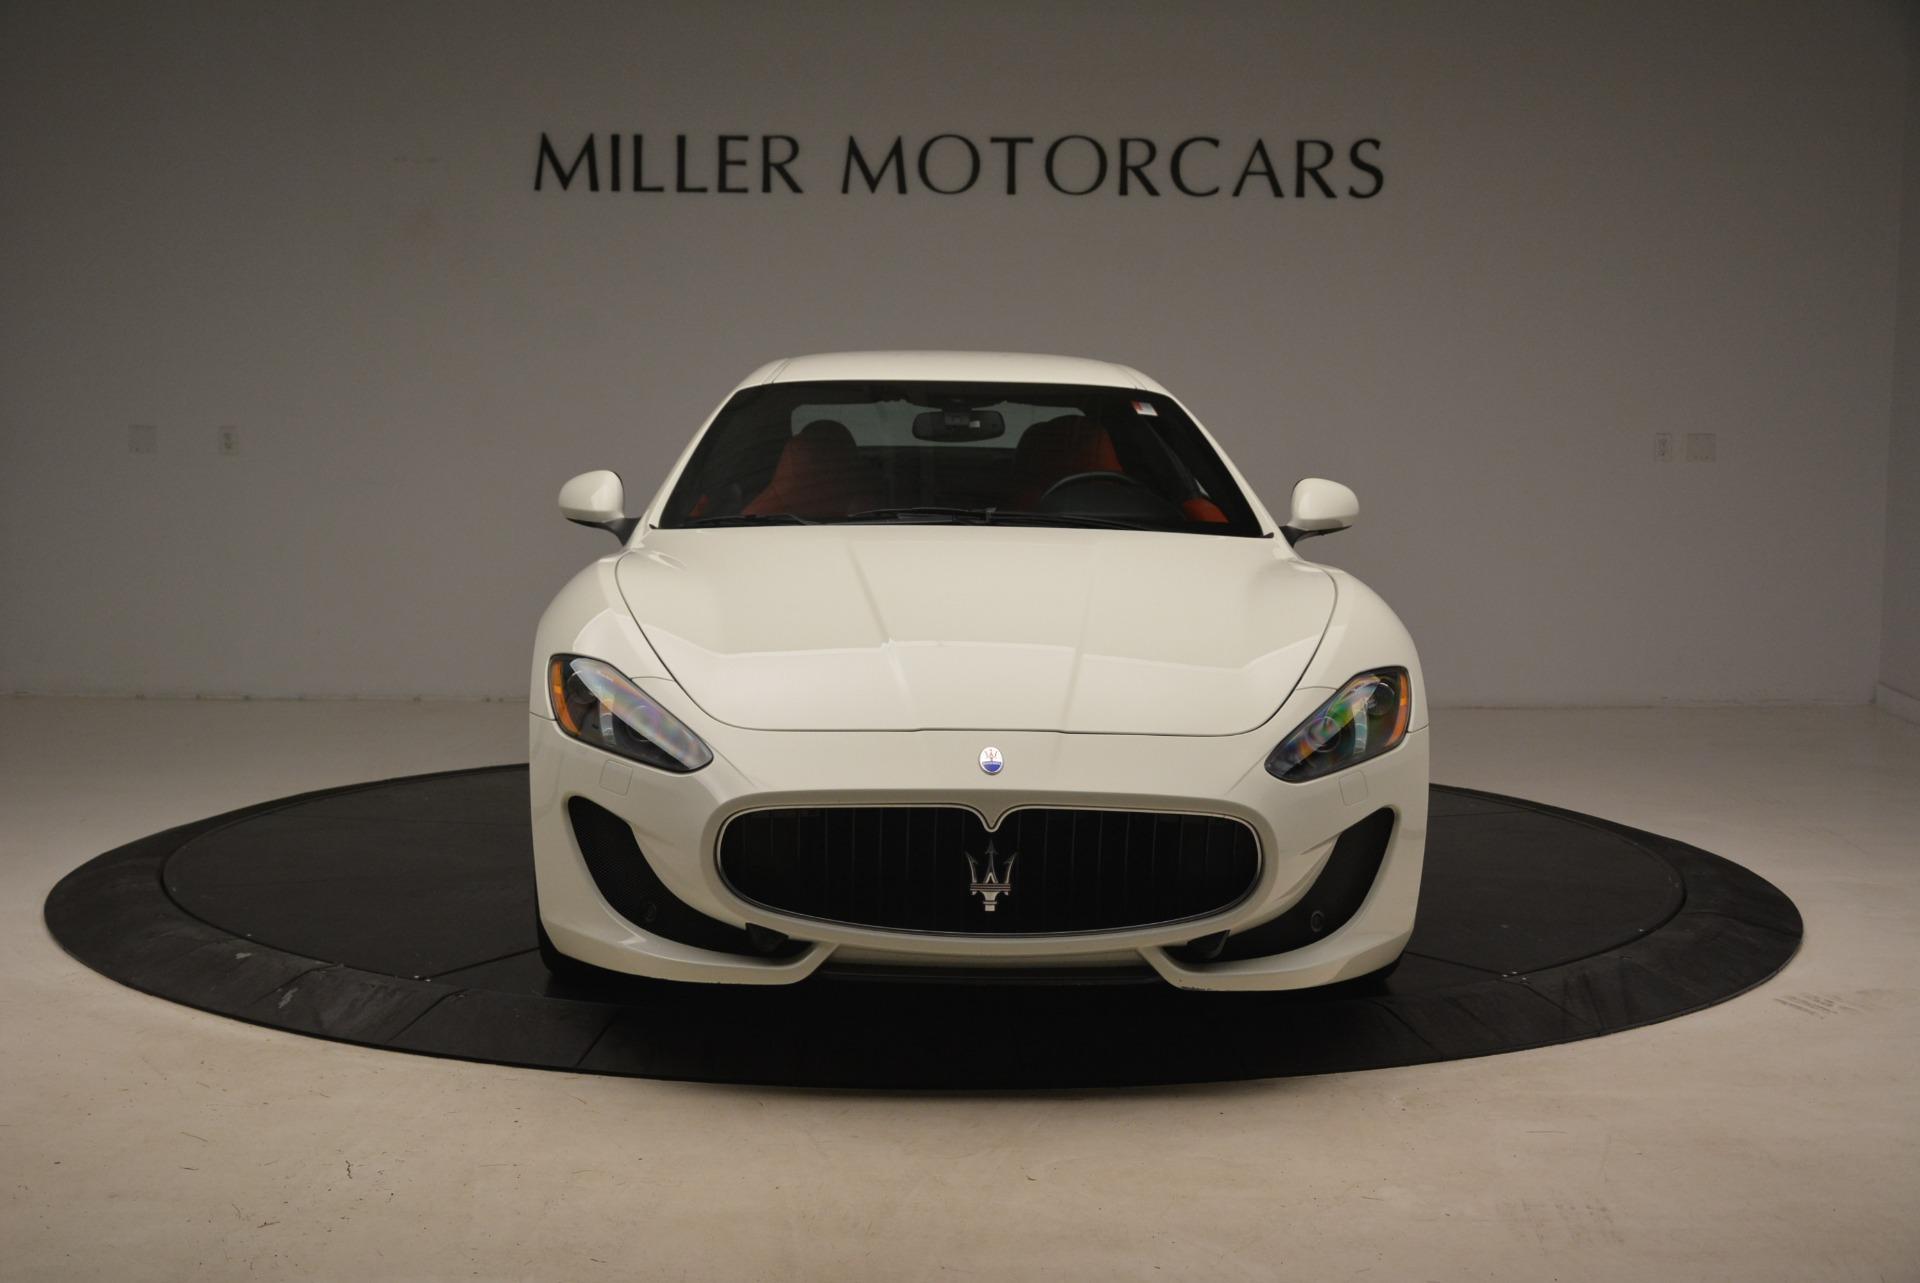 Used 2015 Maserati GranTurismo Sport For Sale In Greenwich, CT 2233_p12